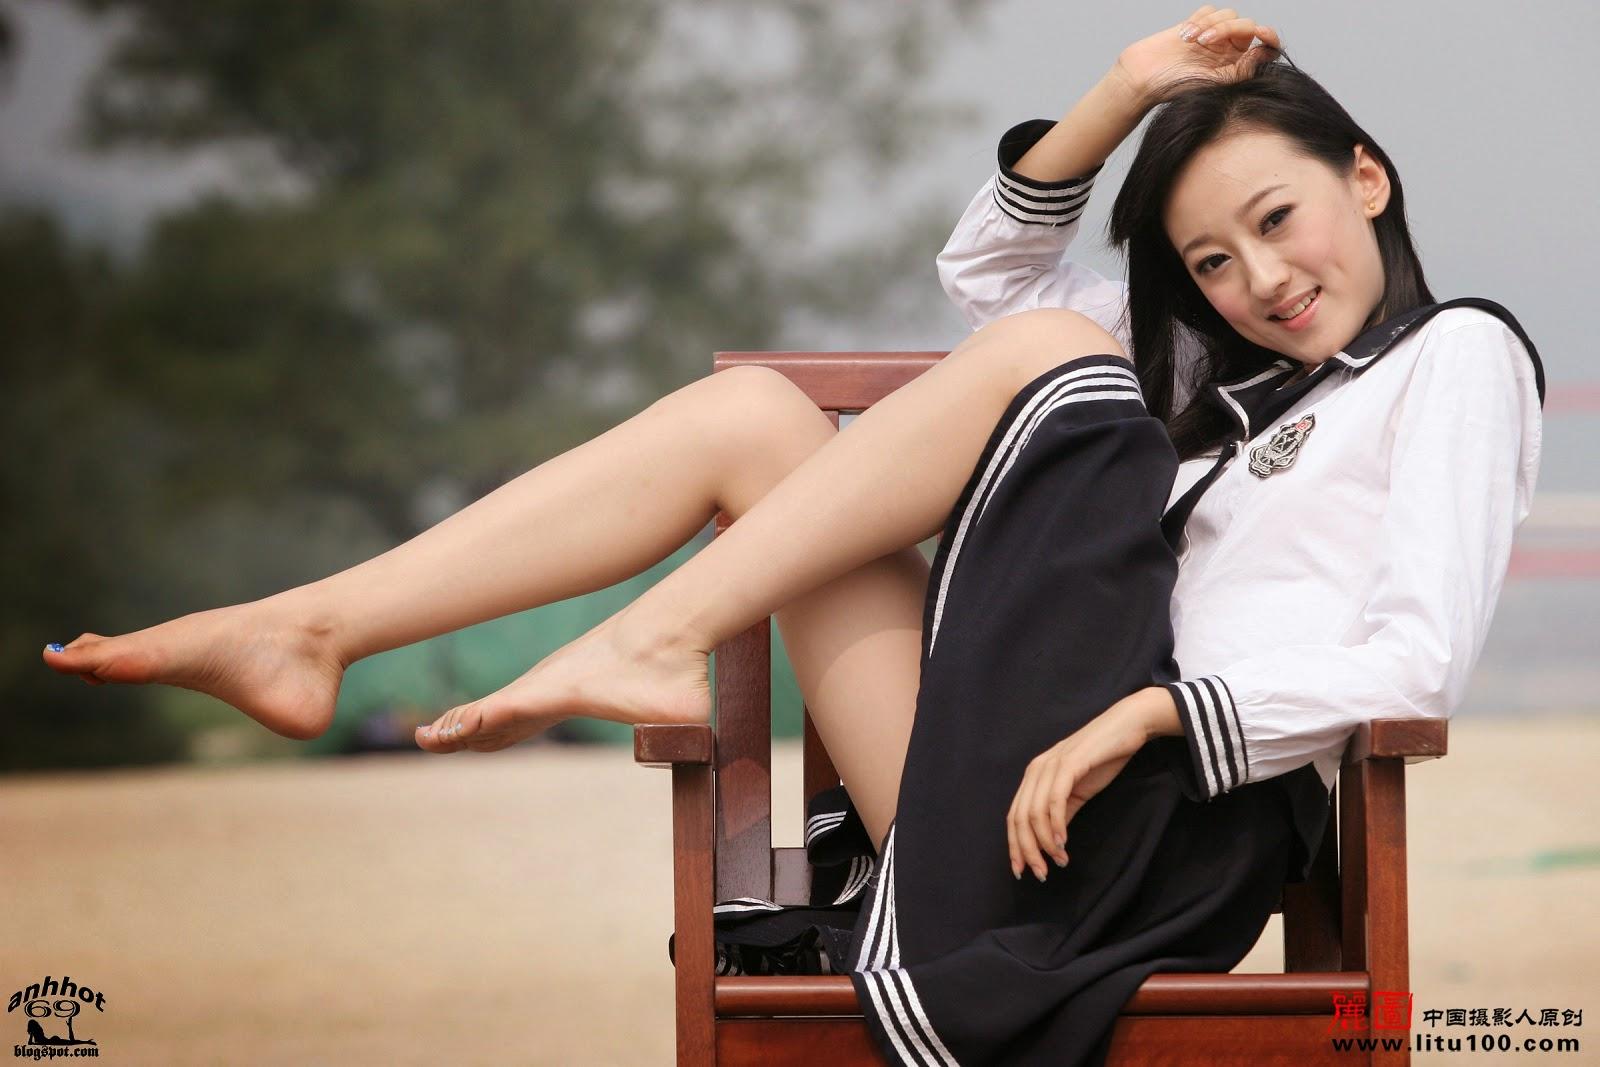 litu-200600819-zhang-tian-yi-sea_IMG_6259